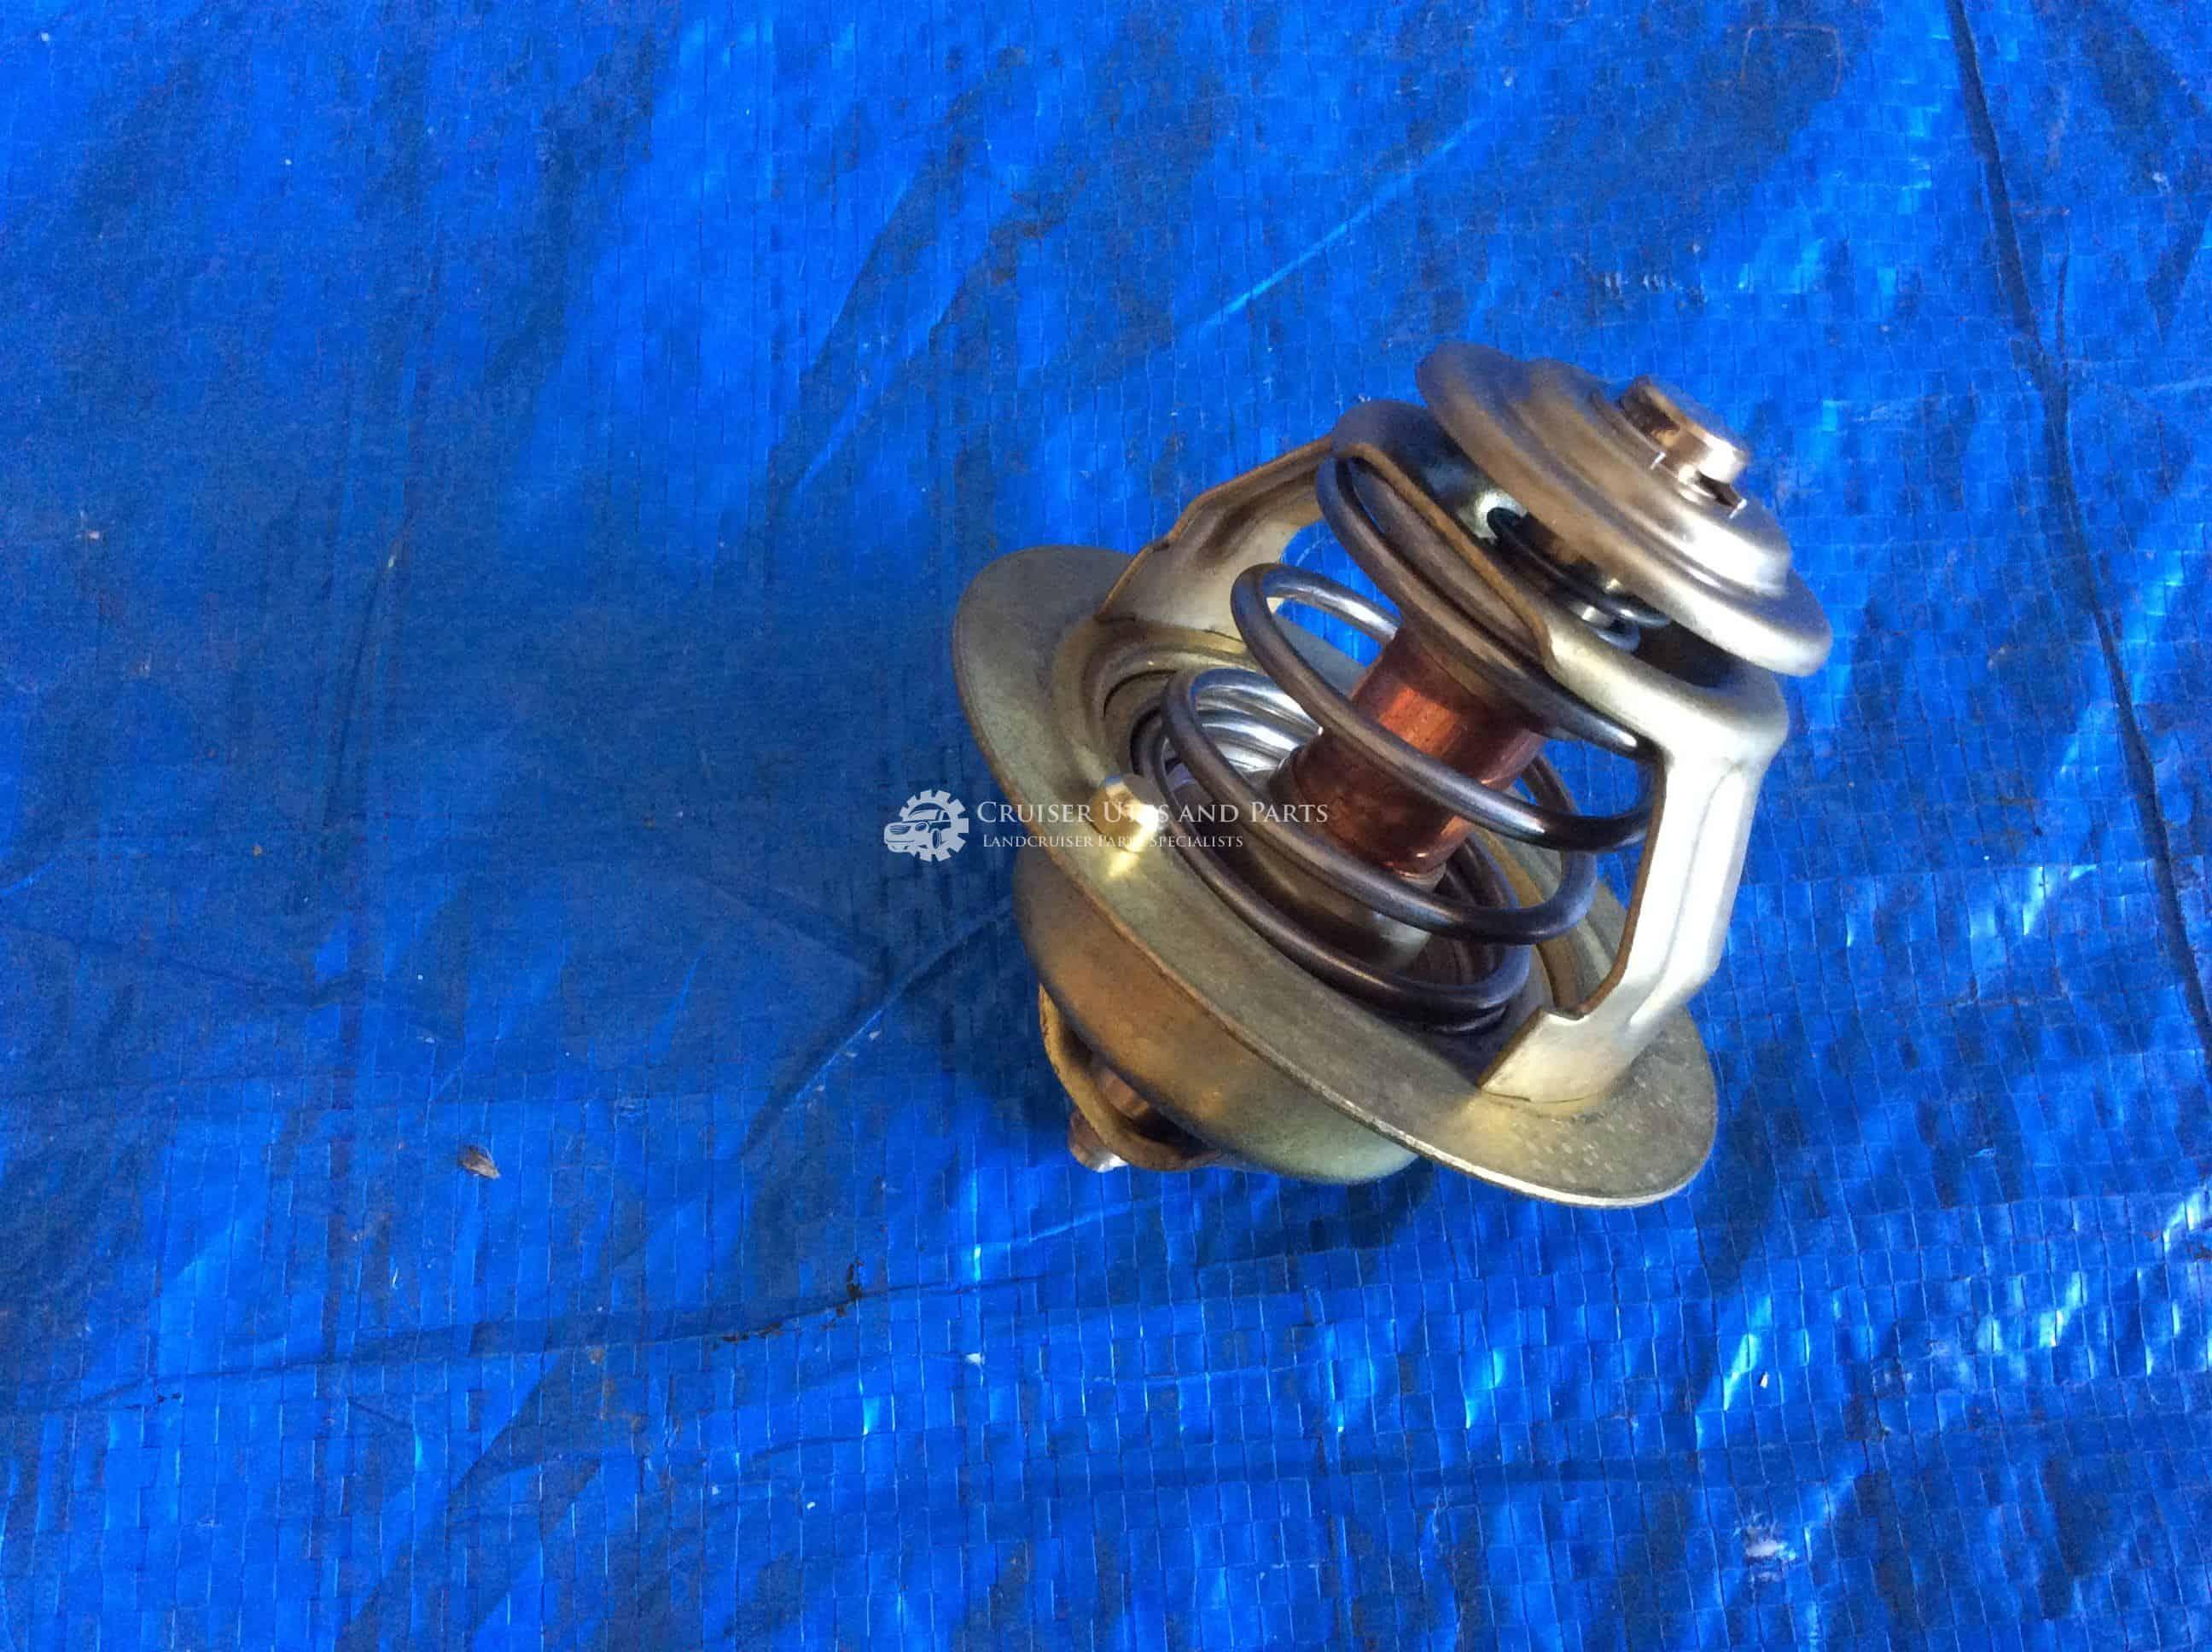 O2 Sensor for BMW K1200LT 1997-2003 BMW # 11 78 1 742 051 EnDuraLast,O2-E051